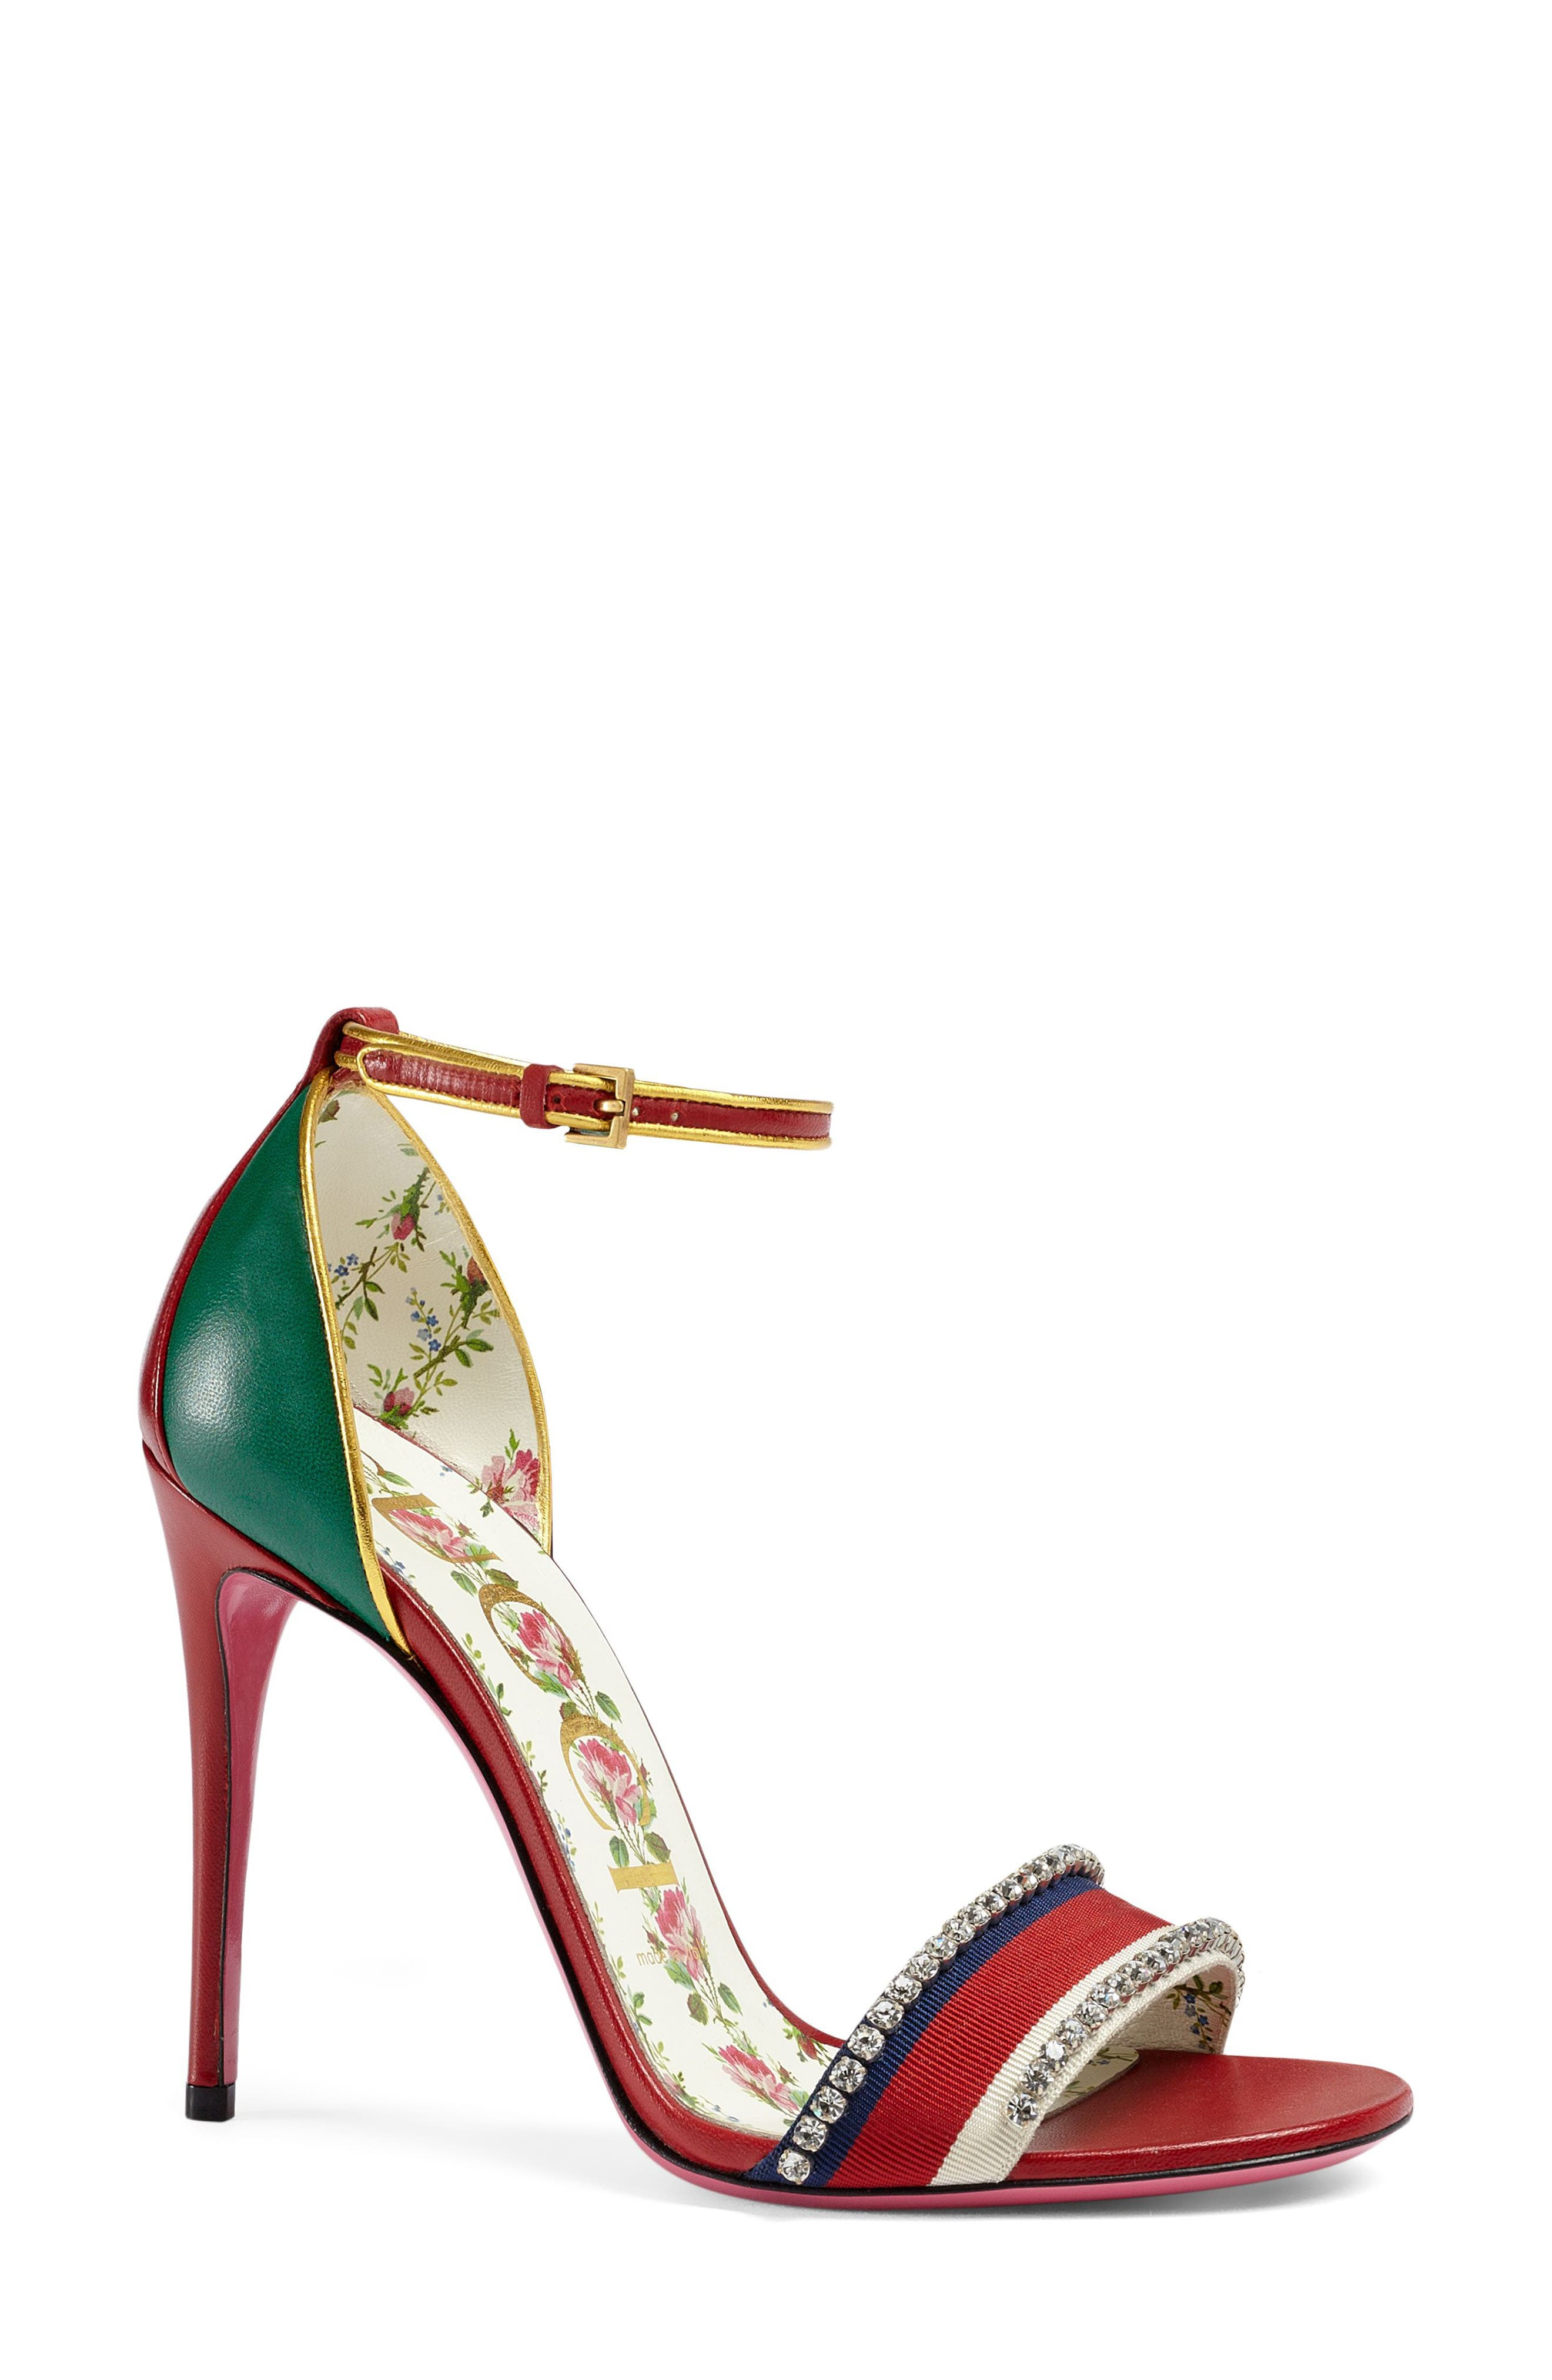 Alternate Image 1 Selected - Gucci Ilse Crystal Embellished Ankle Strap Sandal (Women)